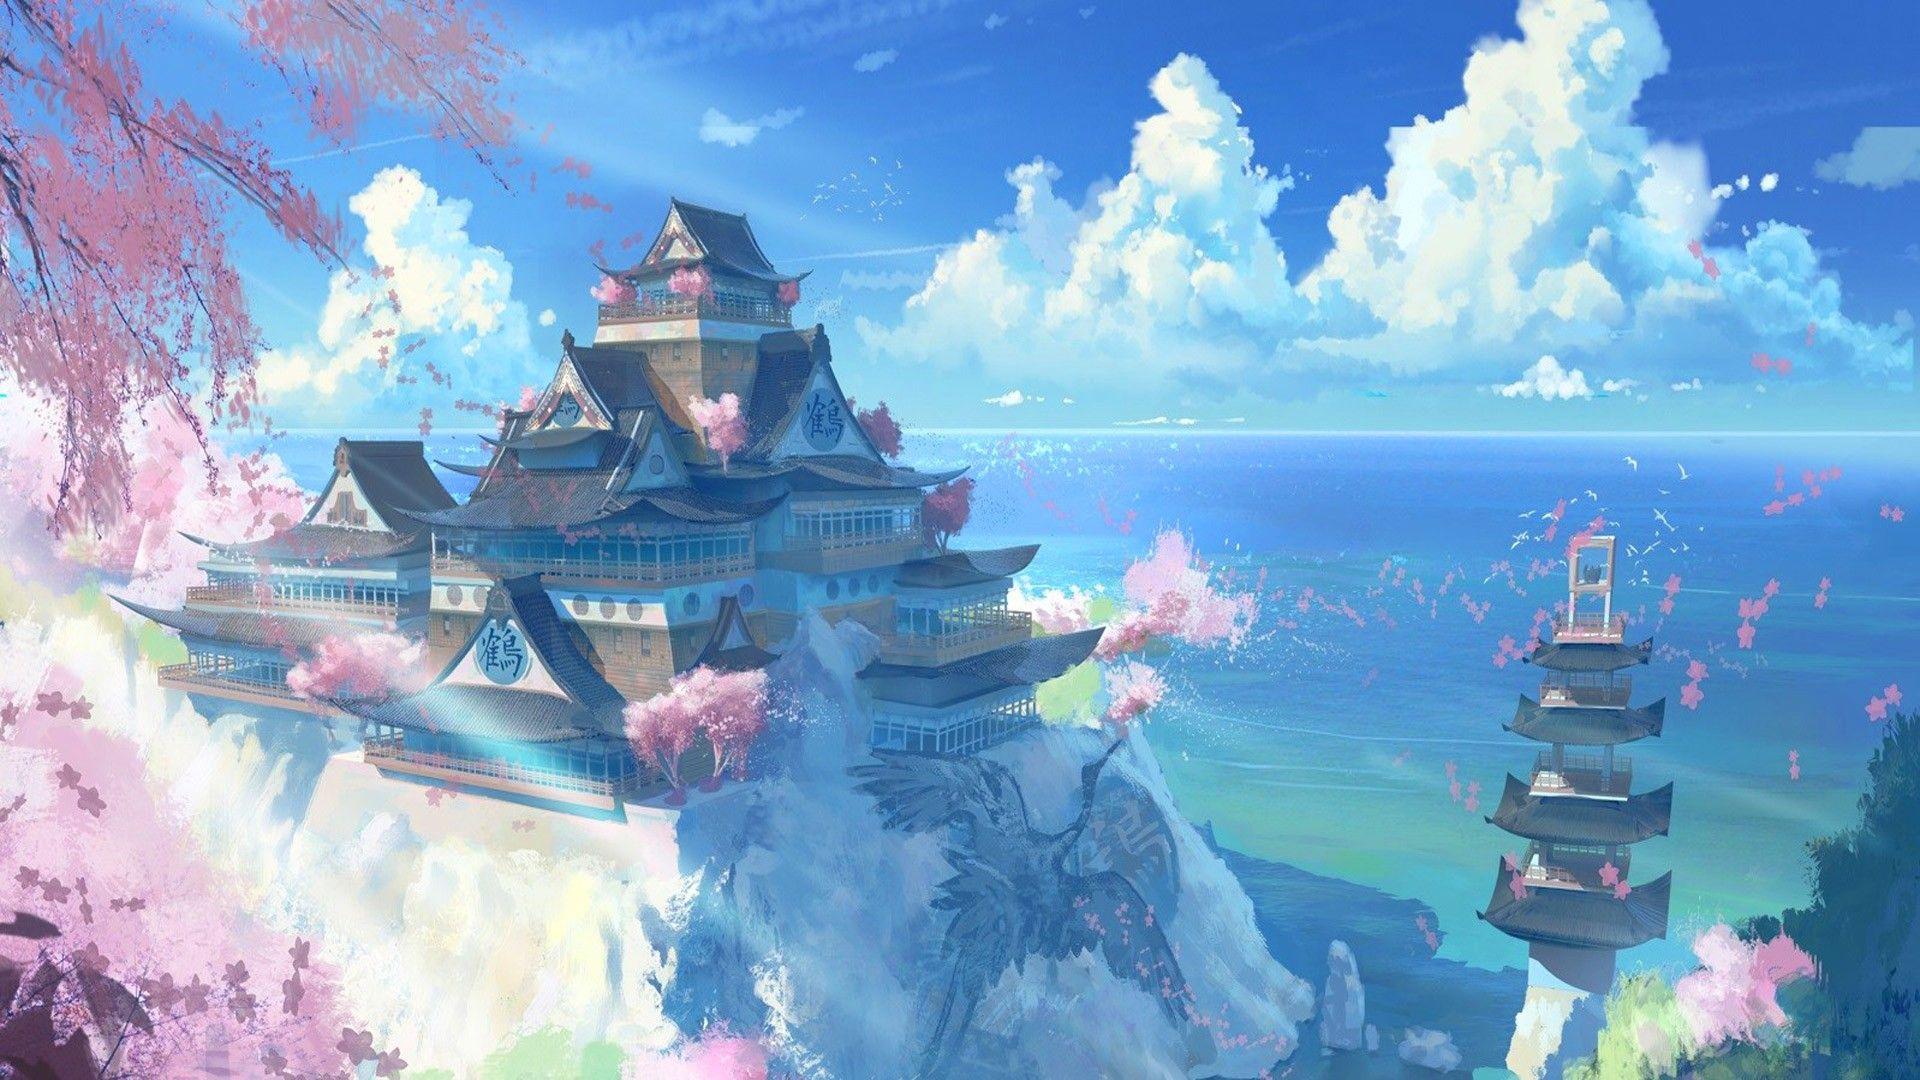 Manga Desktop Wallpaper Best Wallpaper Hd In 2020 Anime Scenery Wallpaper Computer Wallpaper Desktop Wallpapers Anime Backgrounds Wallpapers